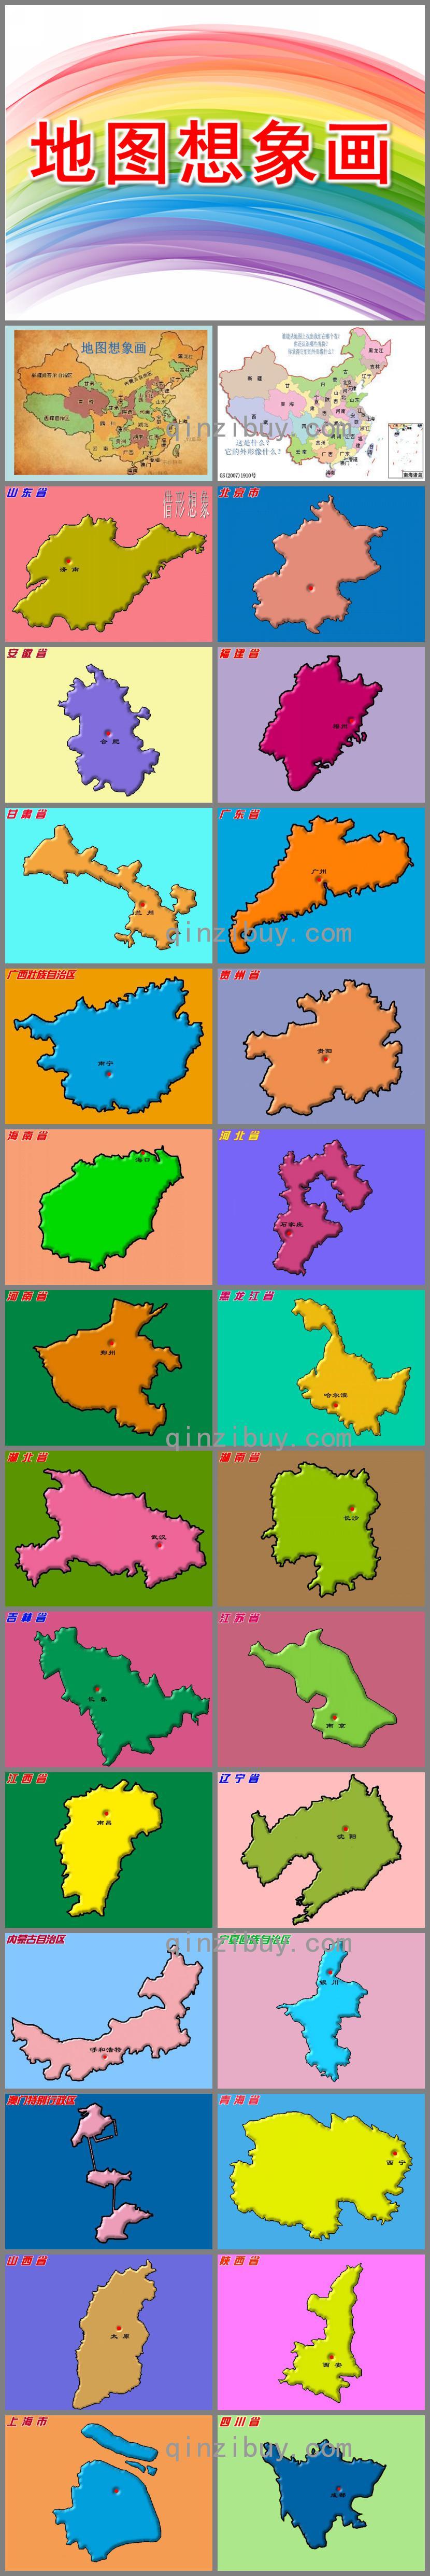 大班美术地图想象画PPT课件